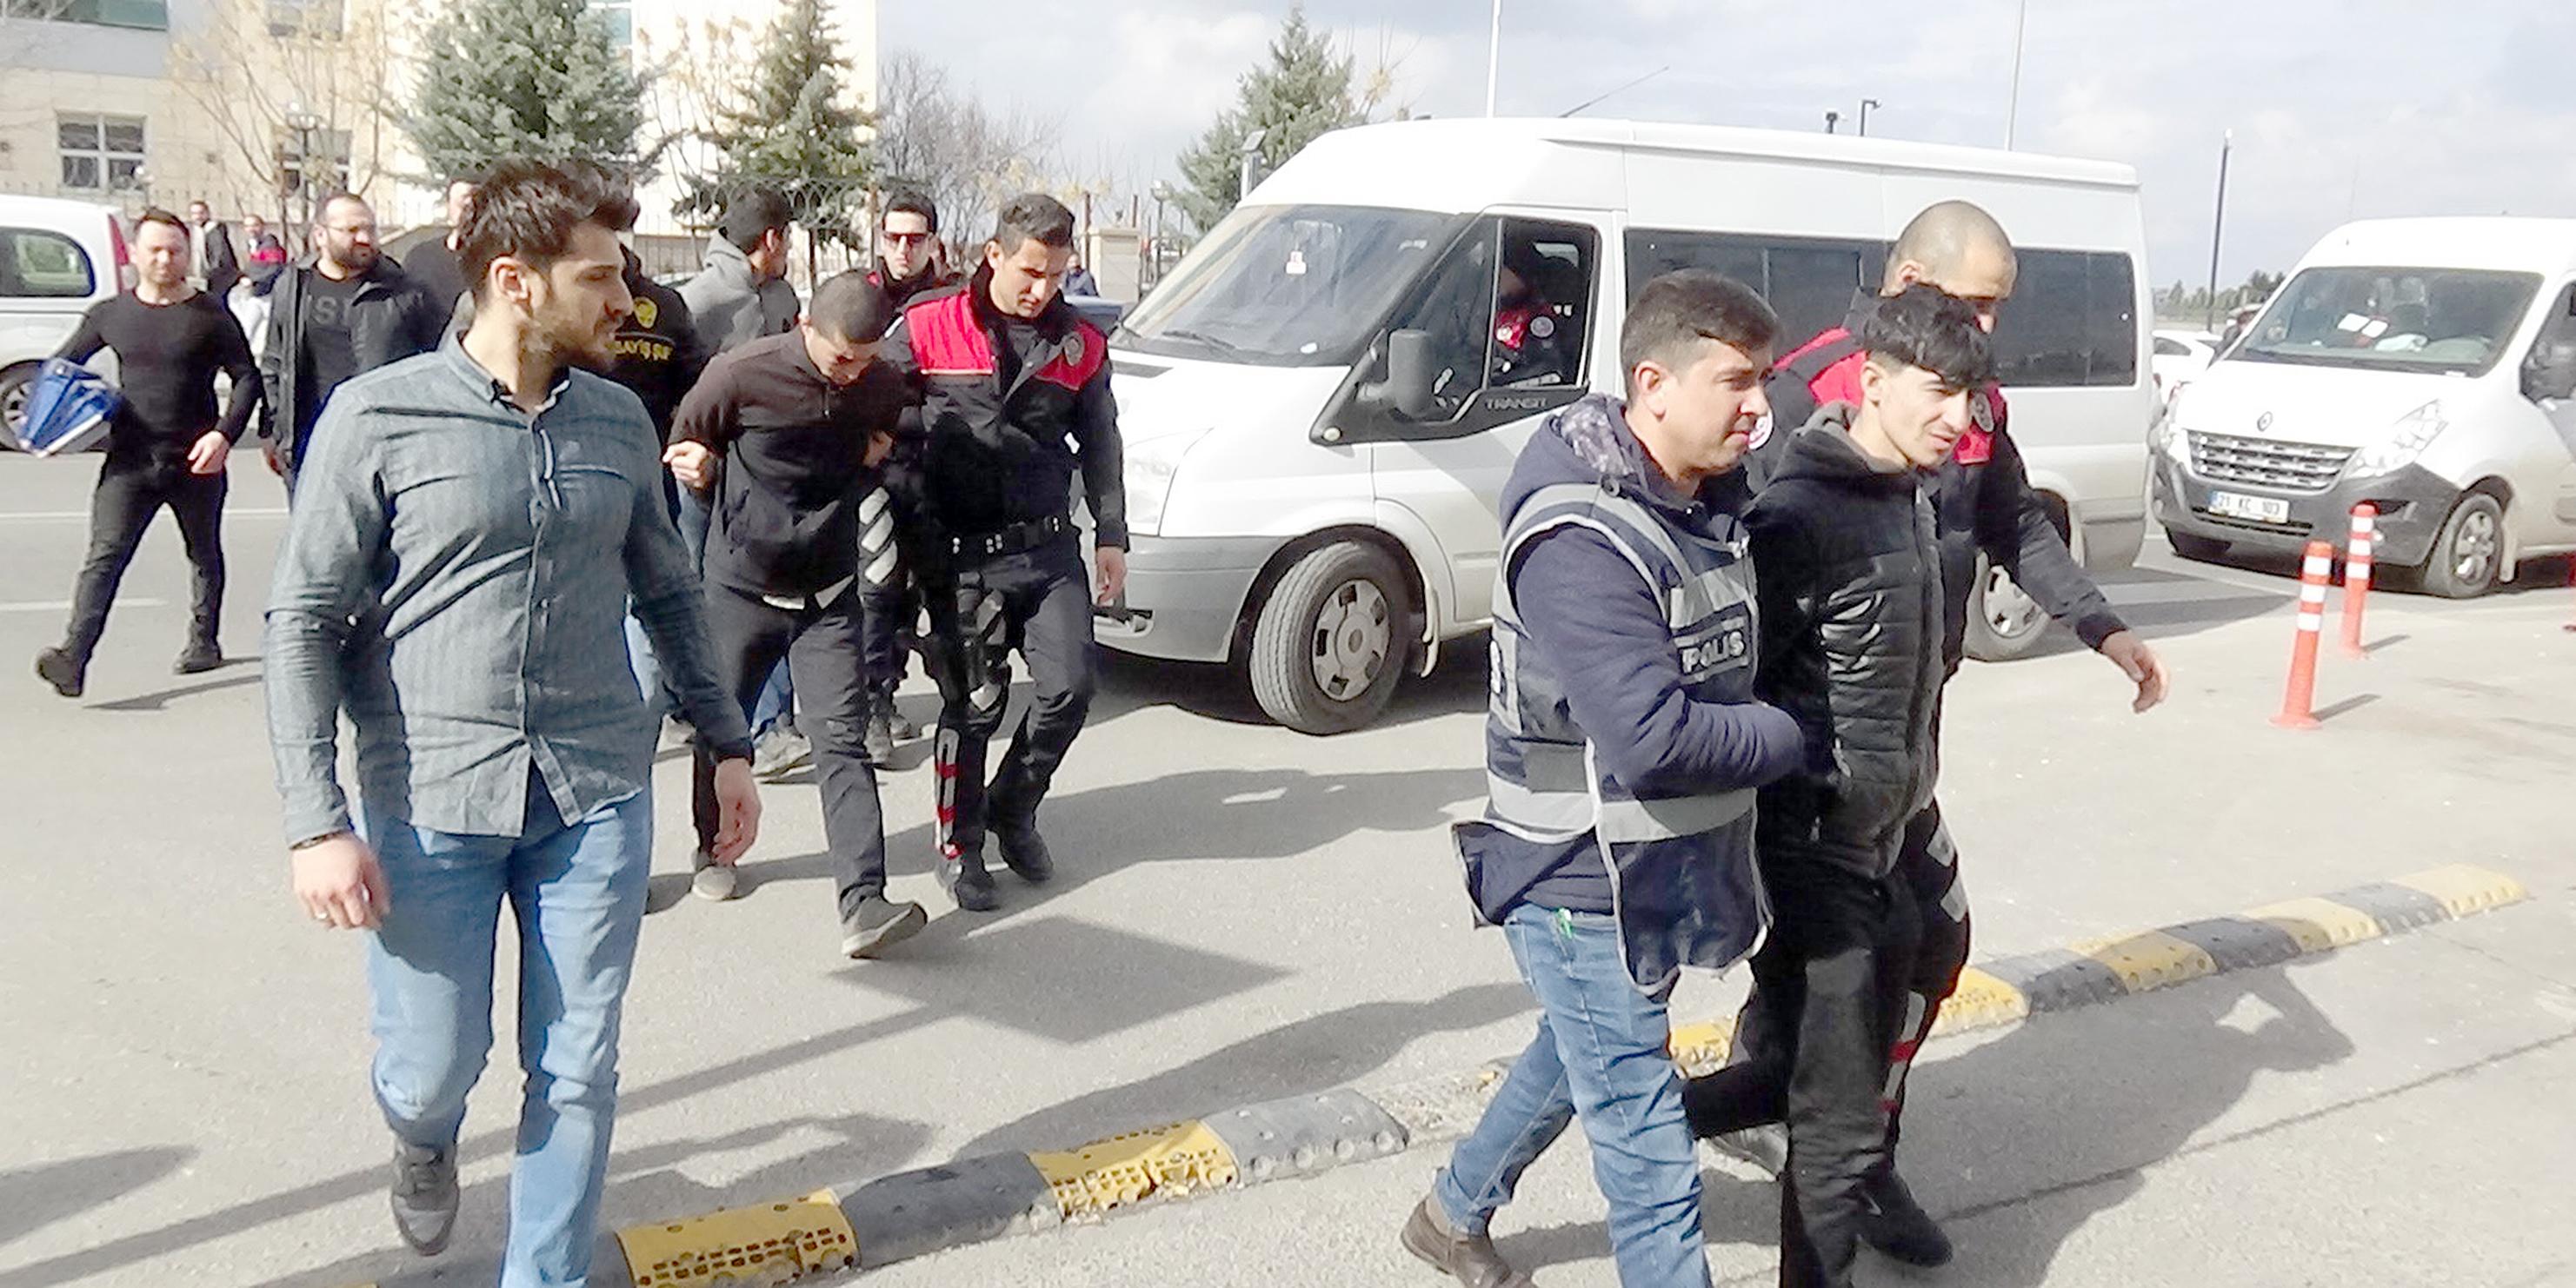 VİDEO - Diyarbakır'da hırsızlık çetesine darbe